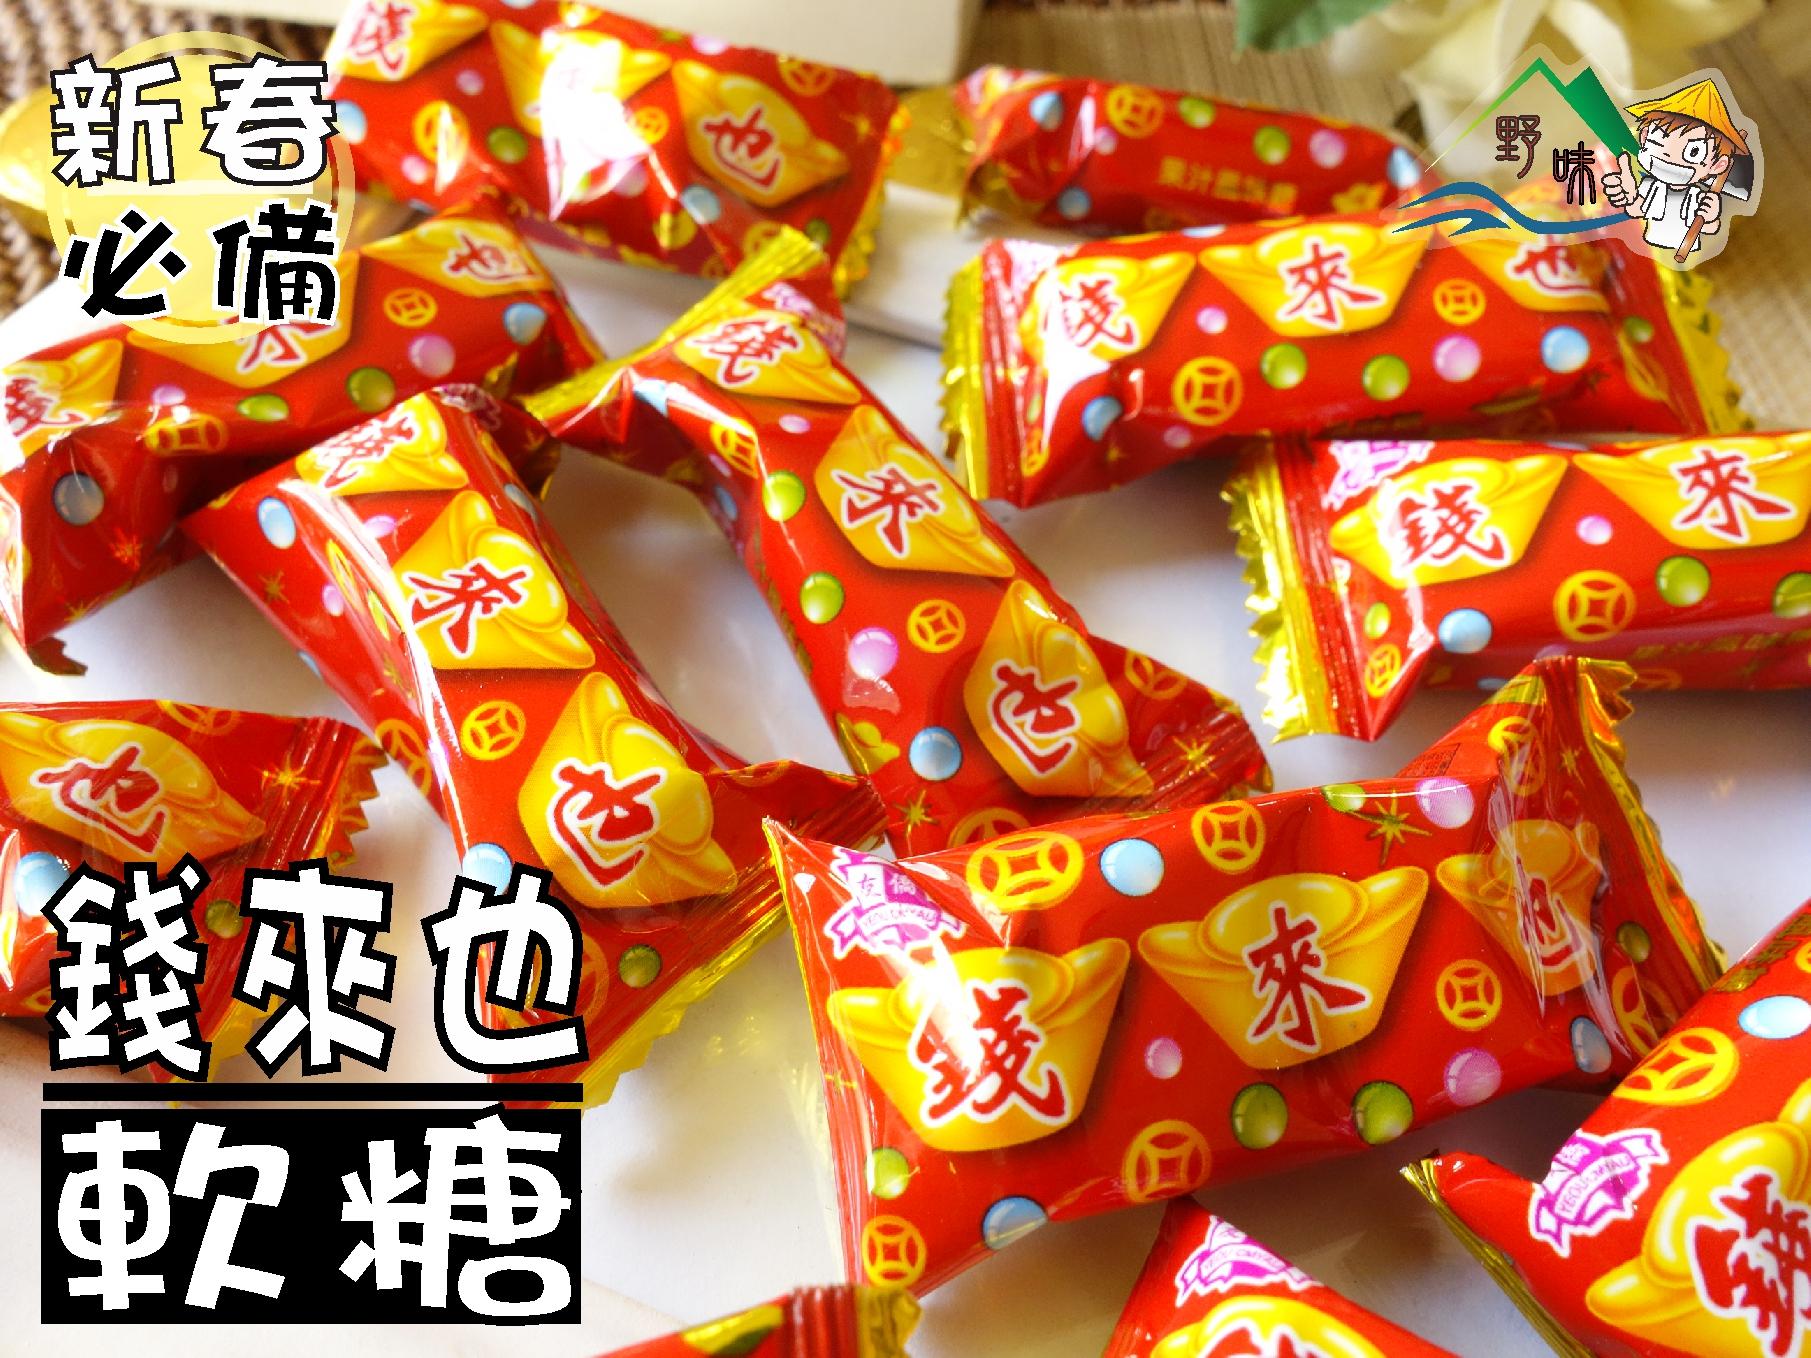 【野味食品】友僑 錢來也軟糖(450g/包,桃園實體店面出貨)春節軟糖,過年糖果,果汁風味軟糖